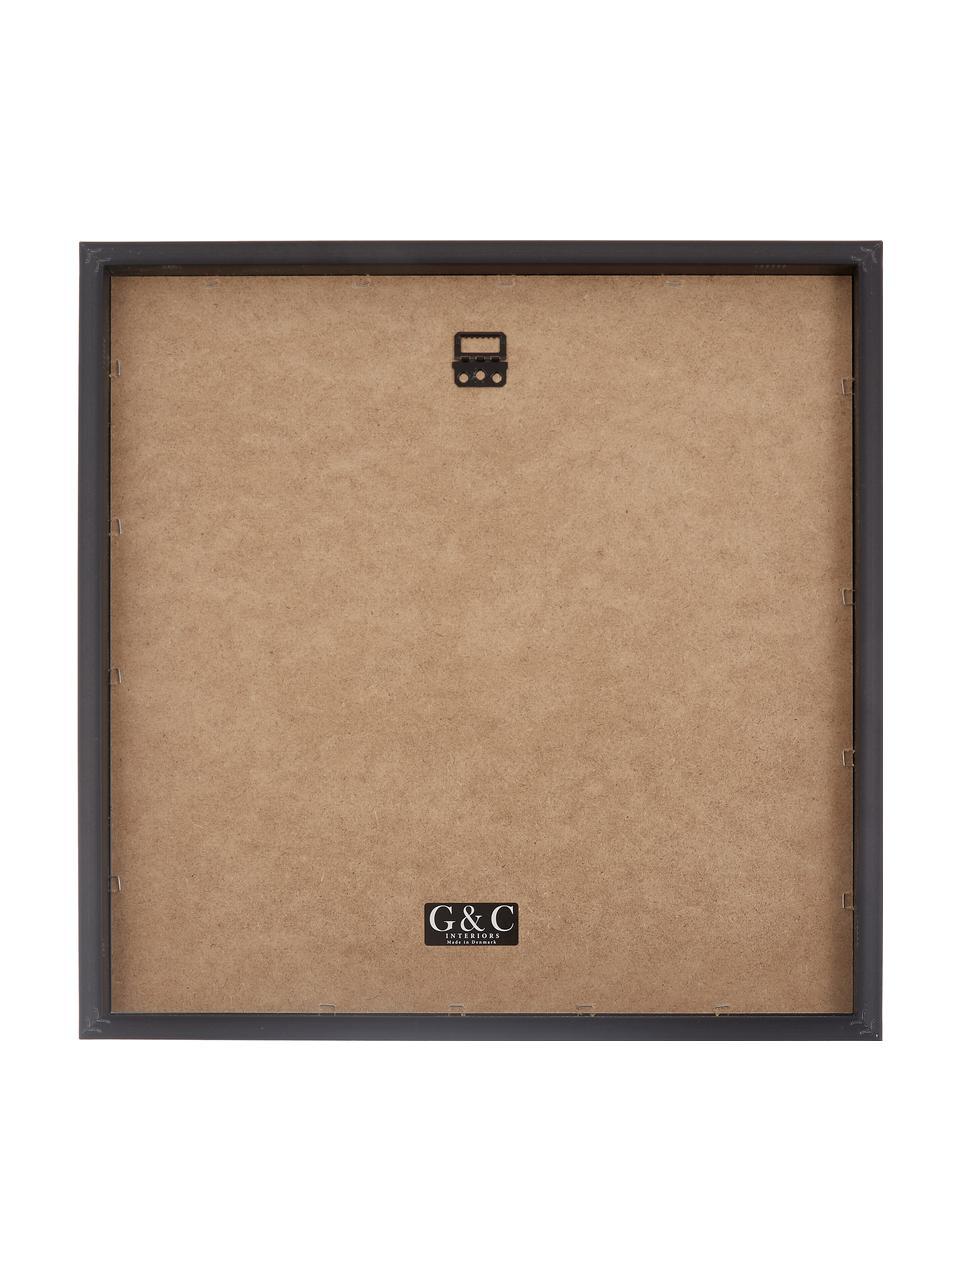 Gerahmter Digitaldruck Moh.Ali, Bild: Digitaldruck, Rahmen: Kunststoff, Front: Glas, Bild: Schwarz, Weiß Rahmen: Schwarz, 40 x 40 cm